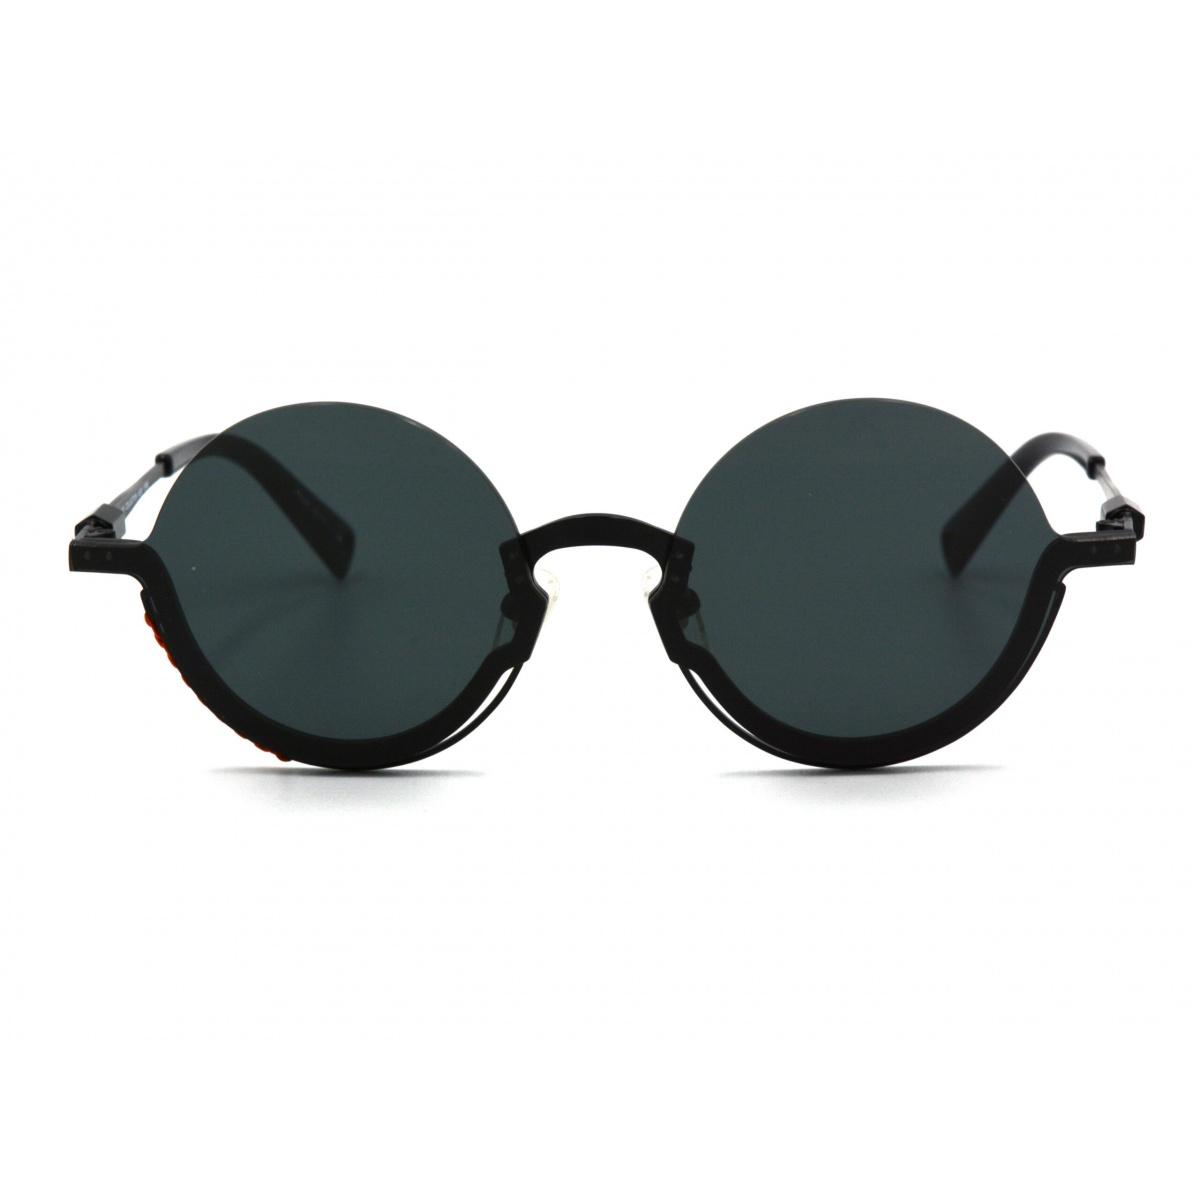 Γυαλιά ηλίου HAZE COLLECTION NEW YORK IRID-BK 65-13-145